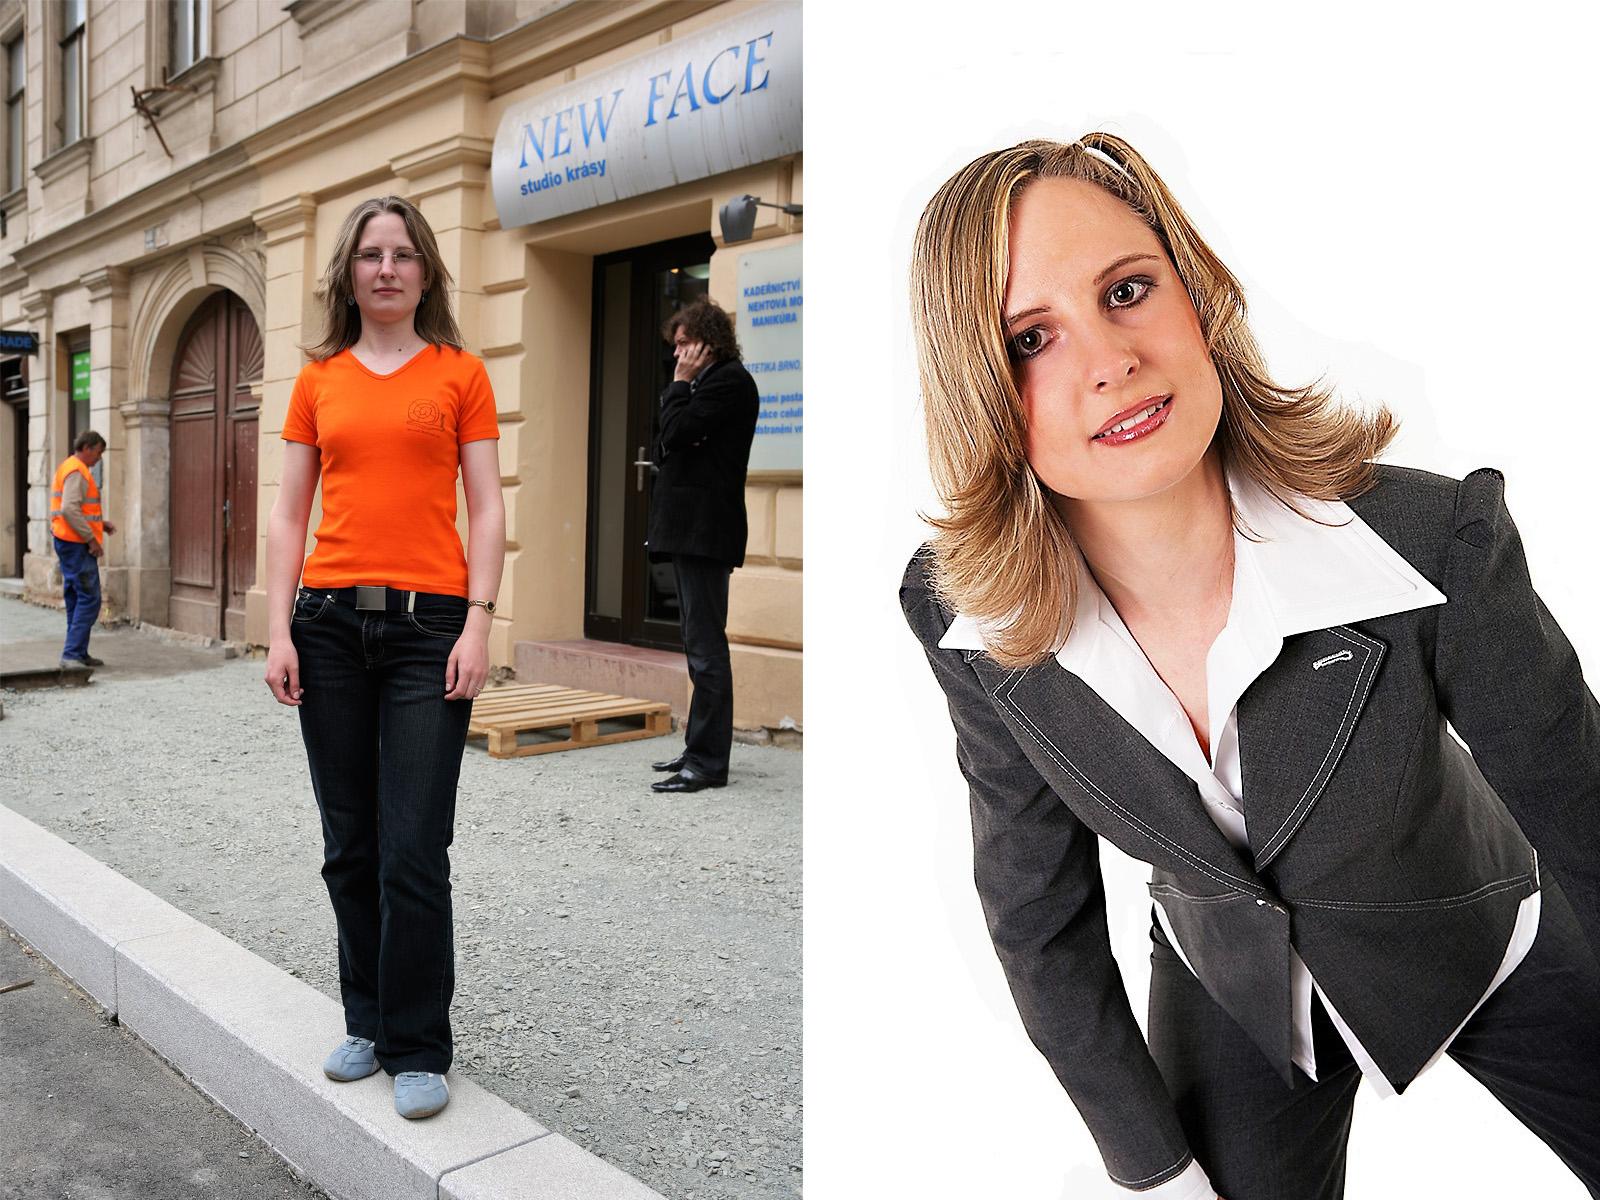 Pánská a dámská móda - MAHDALL   LENSKÁ Brno ec39d910c4